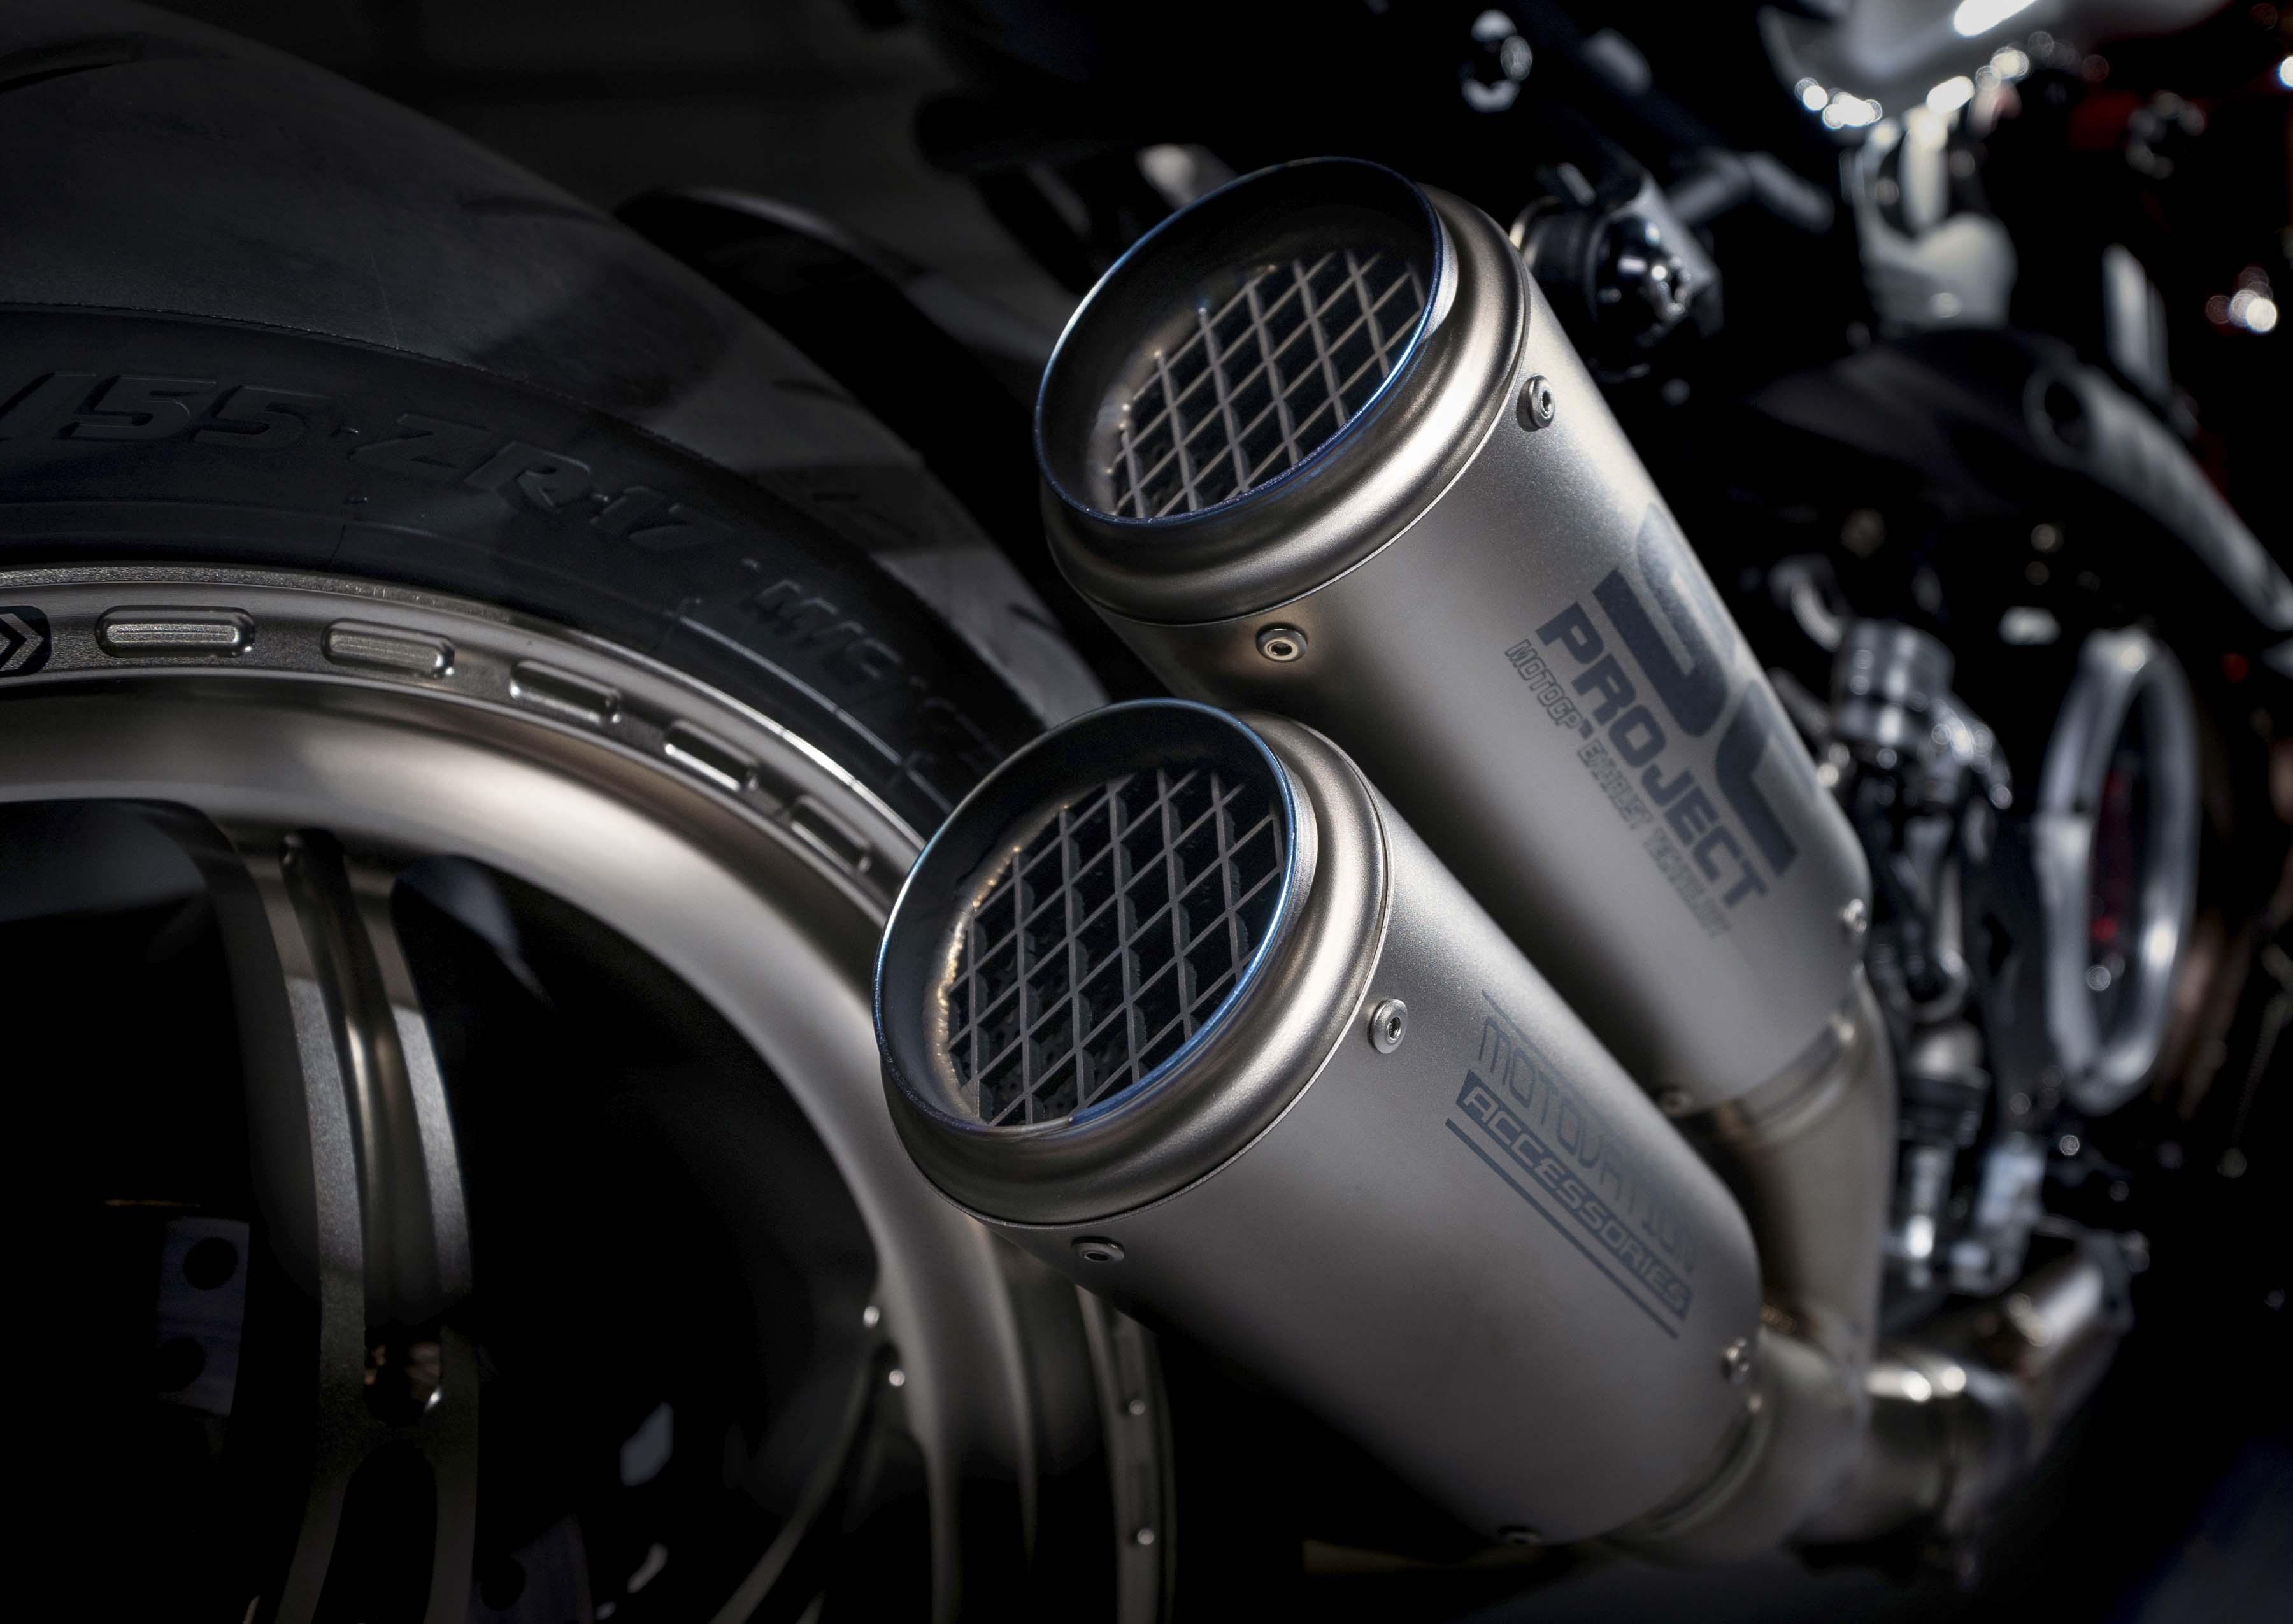 Ducati-Monster-1200-Tricolore-Motovation-16